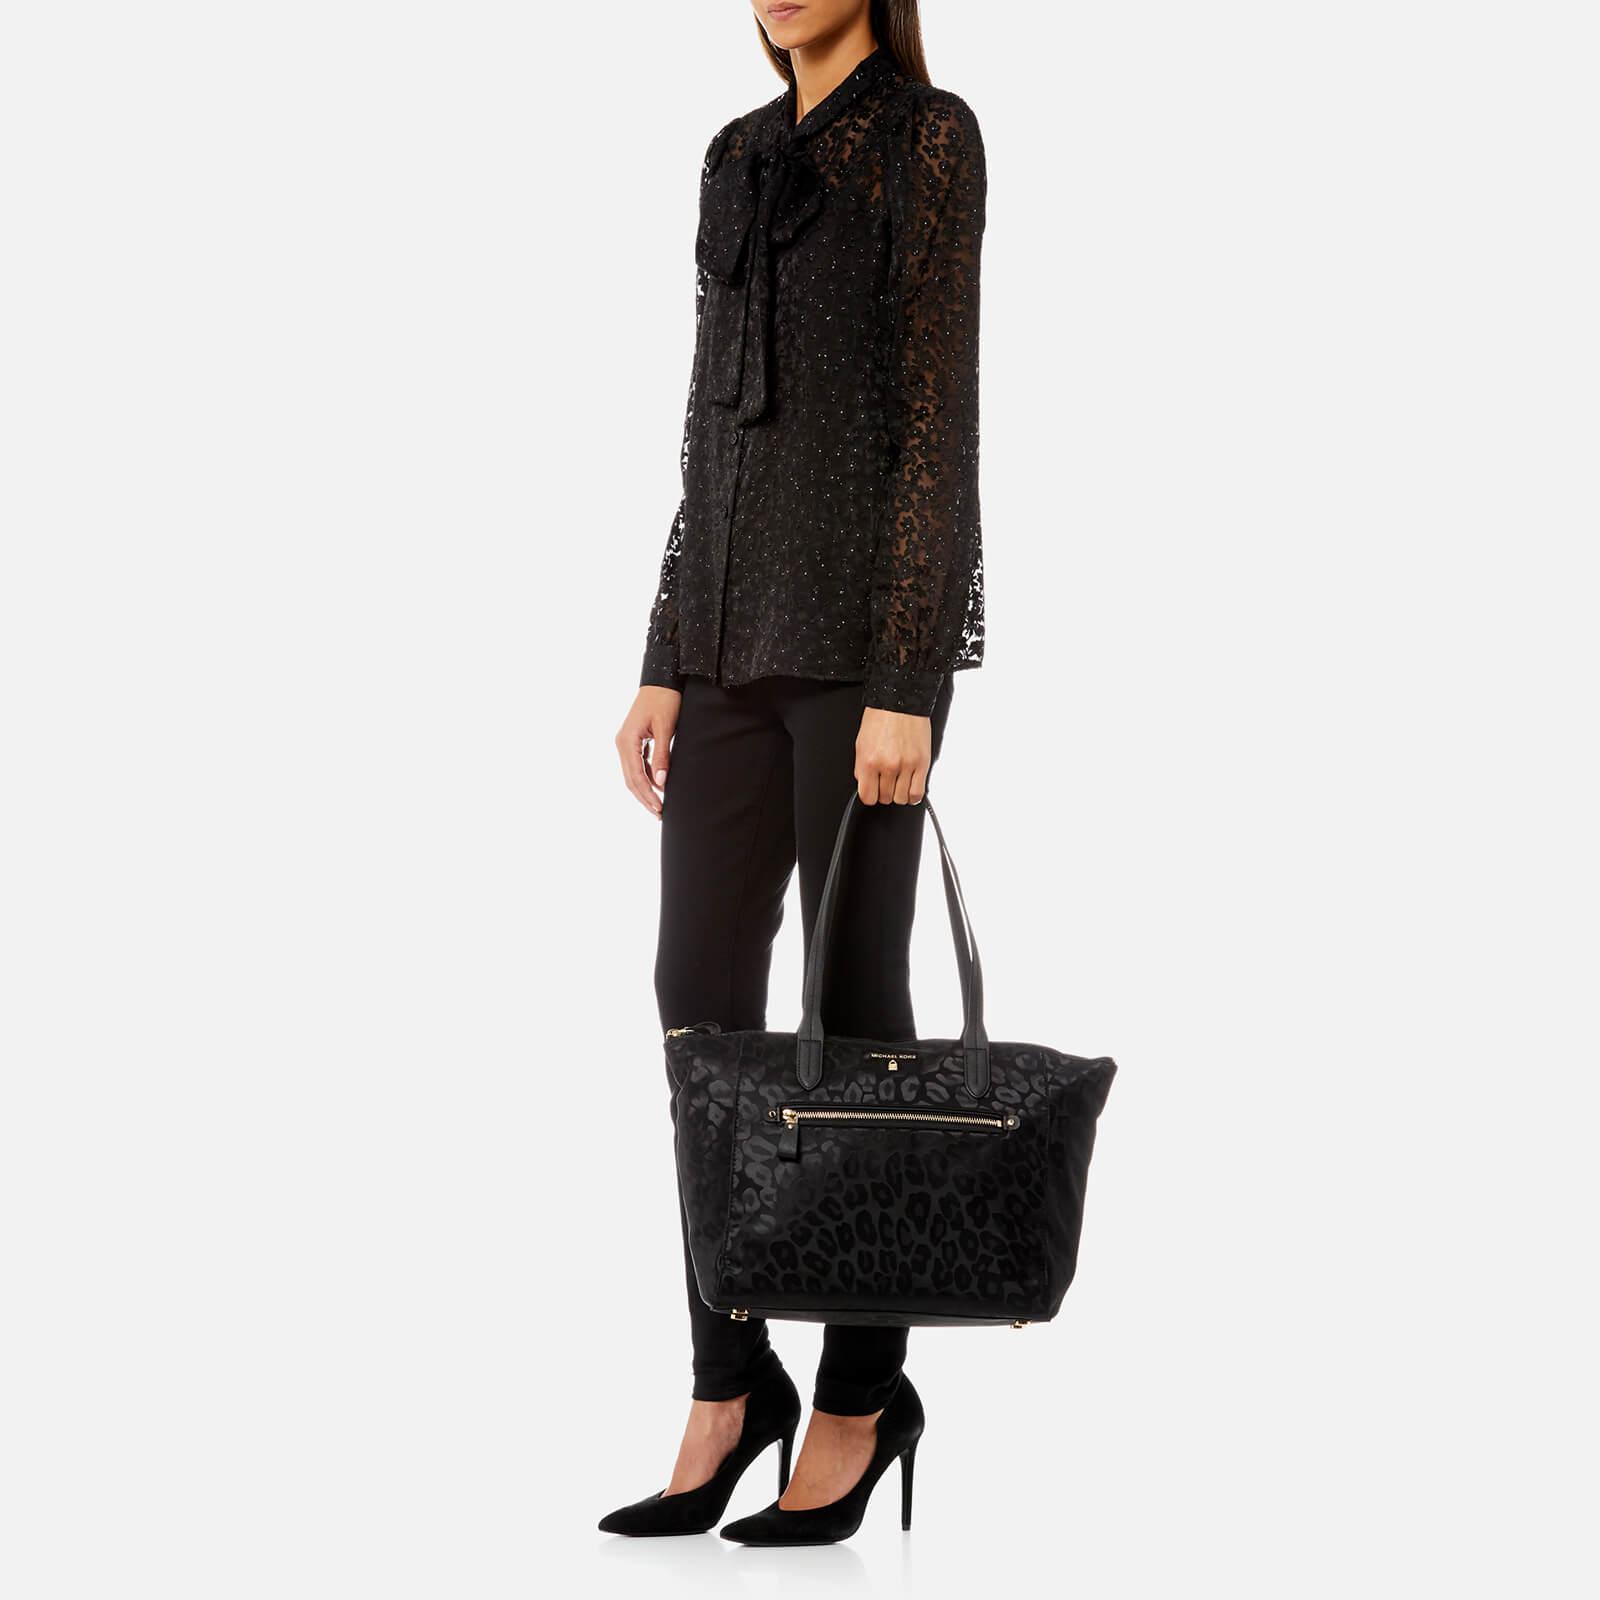 2bde5722985e Lyst - MICHAEL Michael Kors Kelsey Large Top Zip Tote Bag in Black